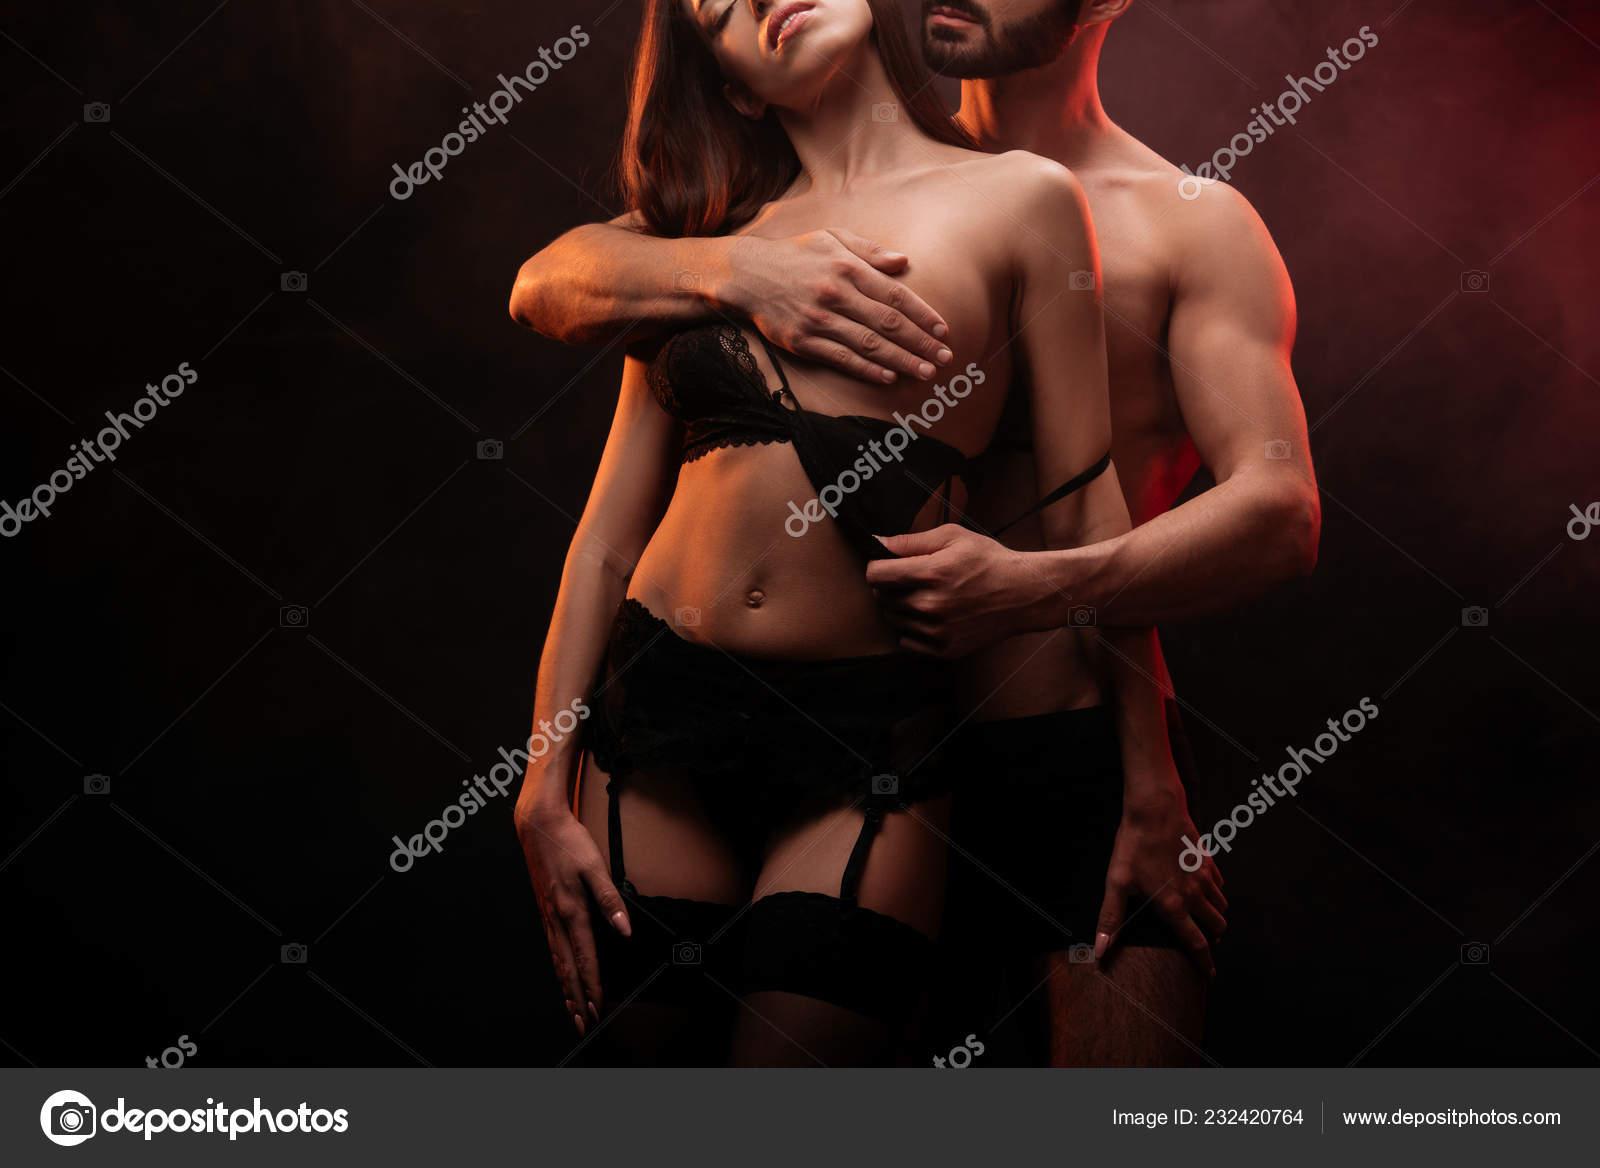 Неизвестный мужик раздевает девушку #13